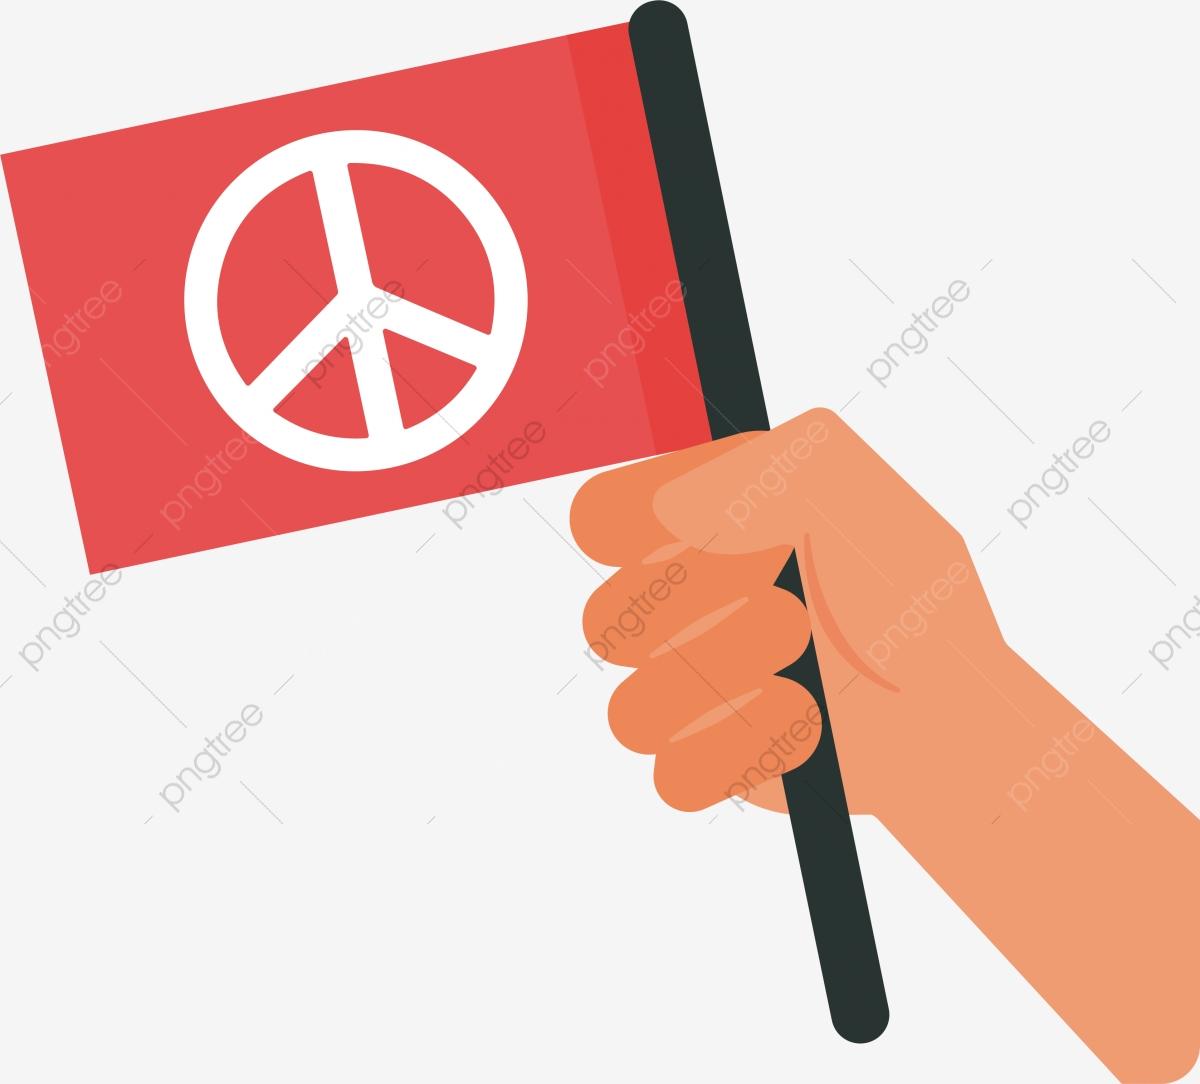 96 Gambar Kartun Tangan Memegang Bendera Merah Putih Cikimm Com